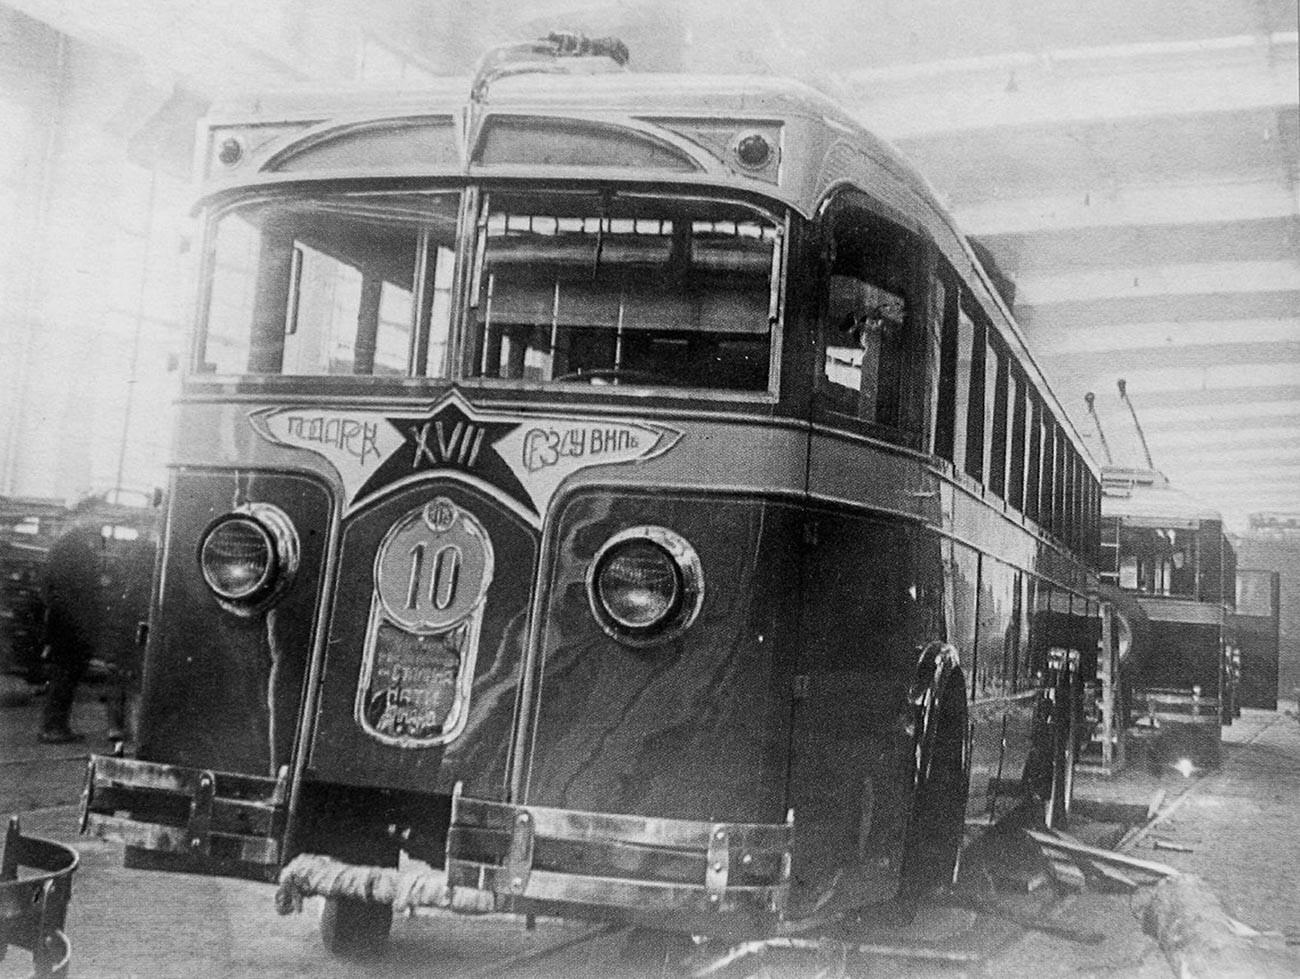 Il primo filobus LK-1 entrato in circolazione sulle strade della capitale russa. Mosca, 1934